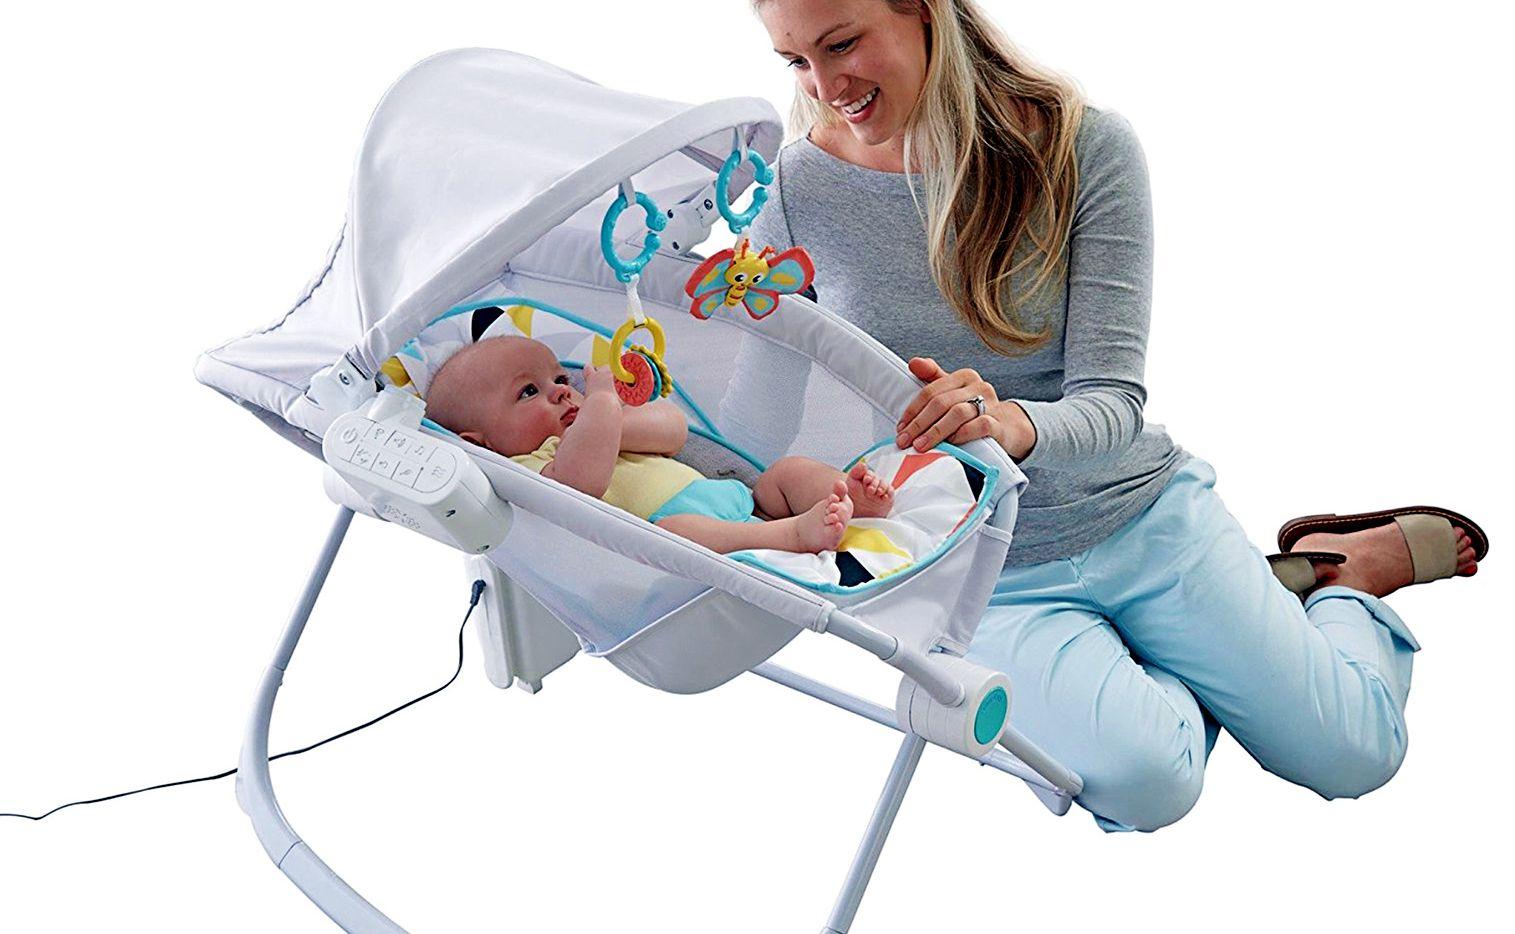 Acostar al bebé en la cuna Premium Auto Rock 'n Play Sleeper de Fisher-Price te dará el control de sus arrullos. Con la app Smart Connect puedes hacer que vibre en dos velocidades. AGENCIA REFORMA